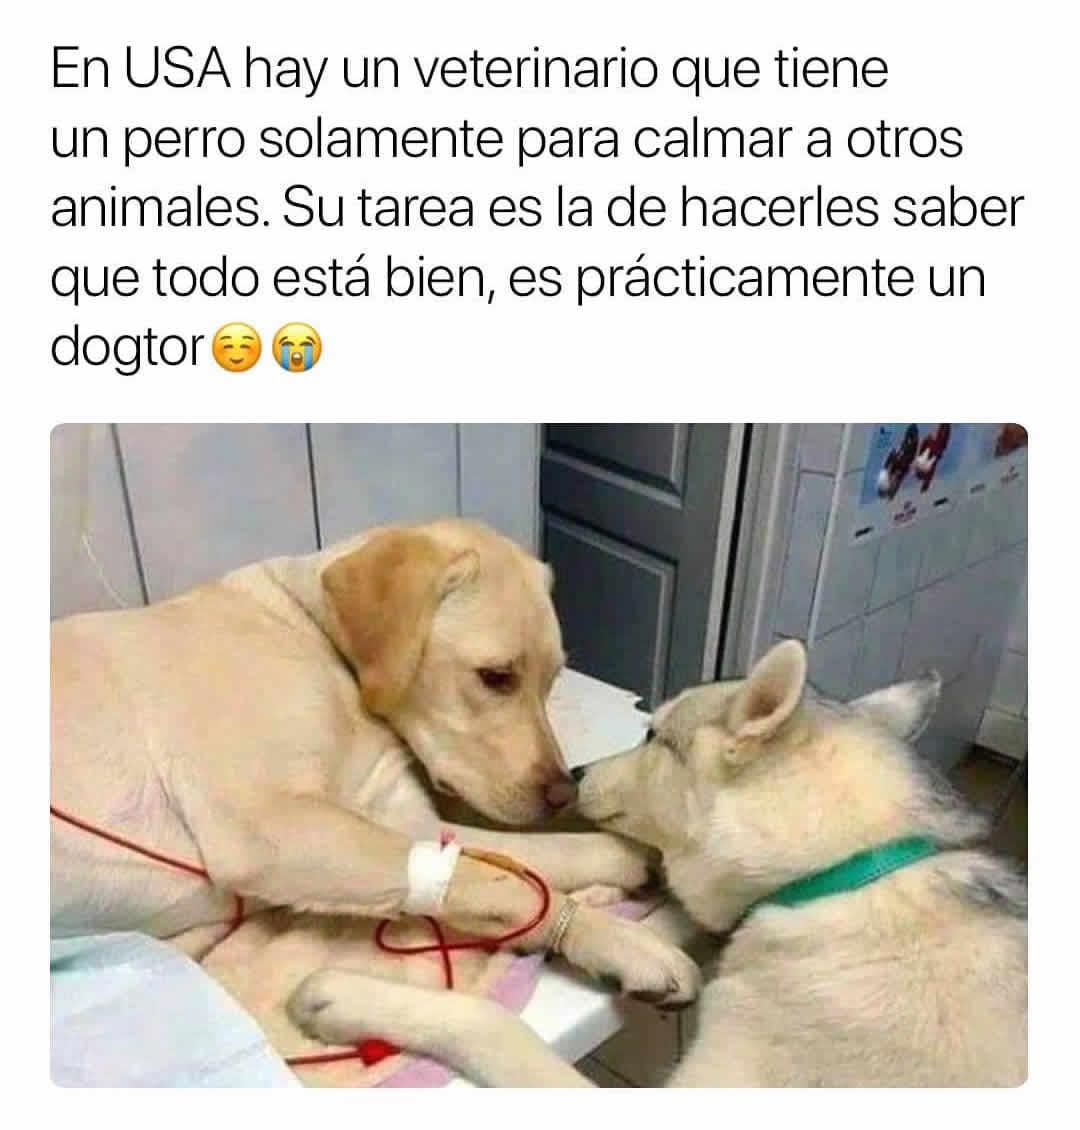 En USA hay un veterinario que tiene un perro solamente para calmar a otros animales. Su tarea es la de hacerles saber que todo está bien, es prácticamente un dogtor.